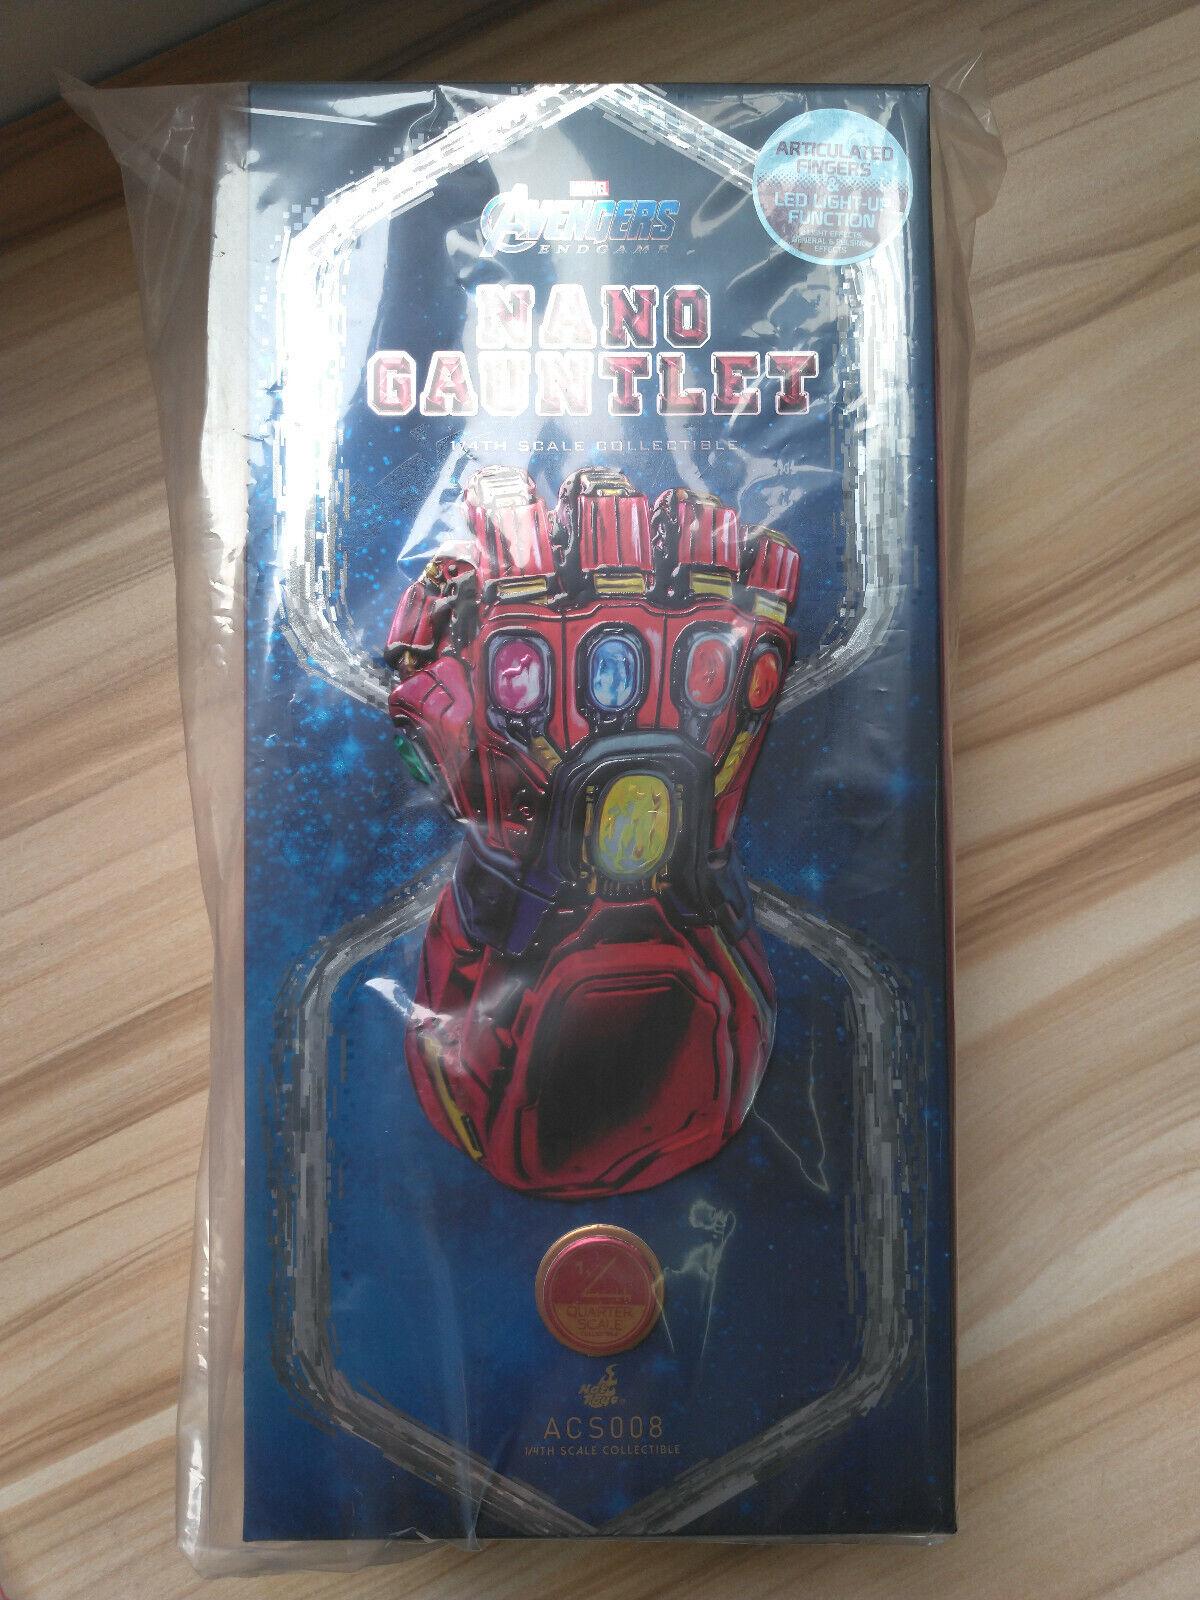 Hot Juguetes ACS 008 Vengadores Tacho Ironman 1 4 Nano Guantelete Promo de película versión